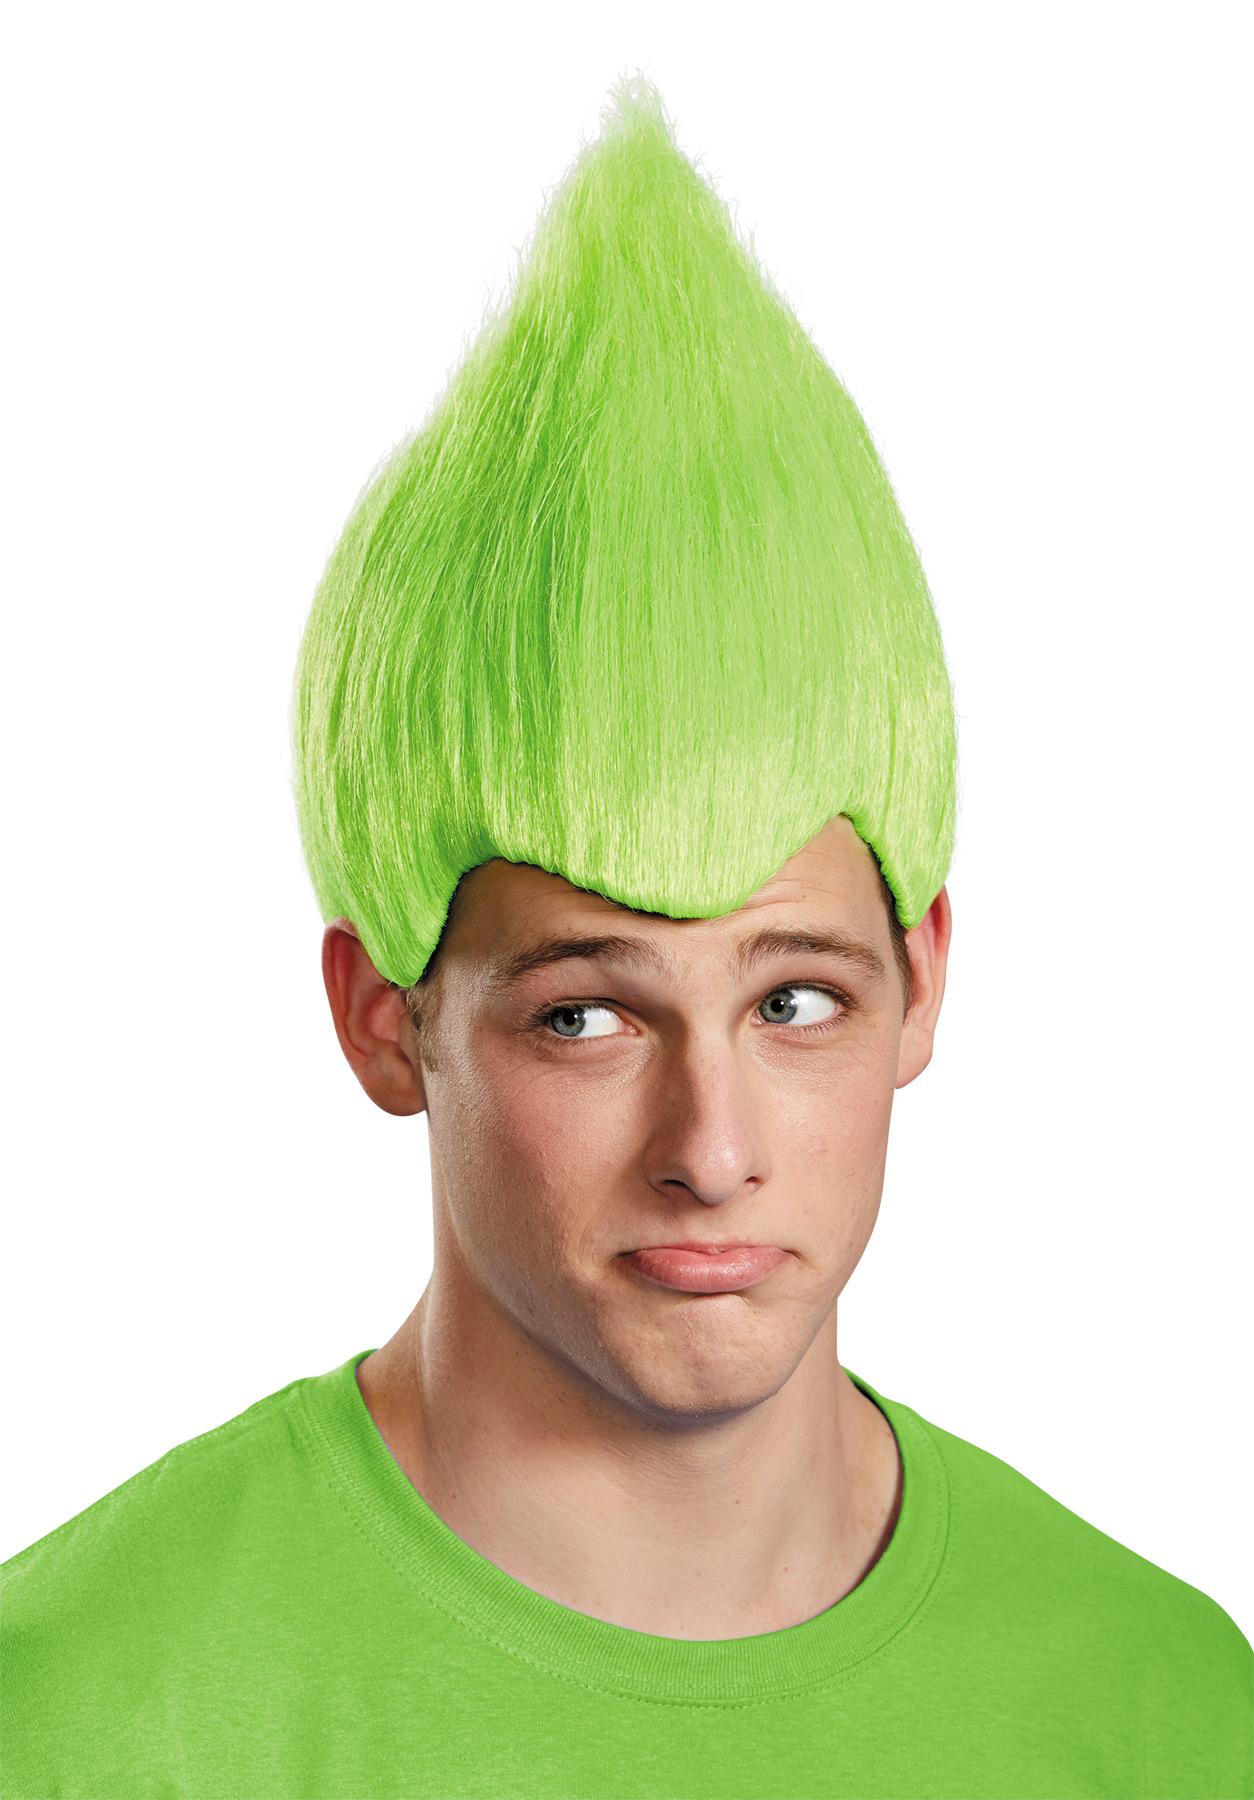 WACKY WIG GREEN ADULT